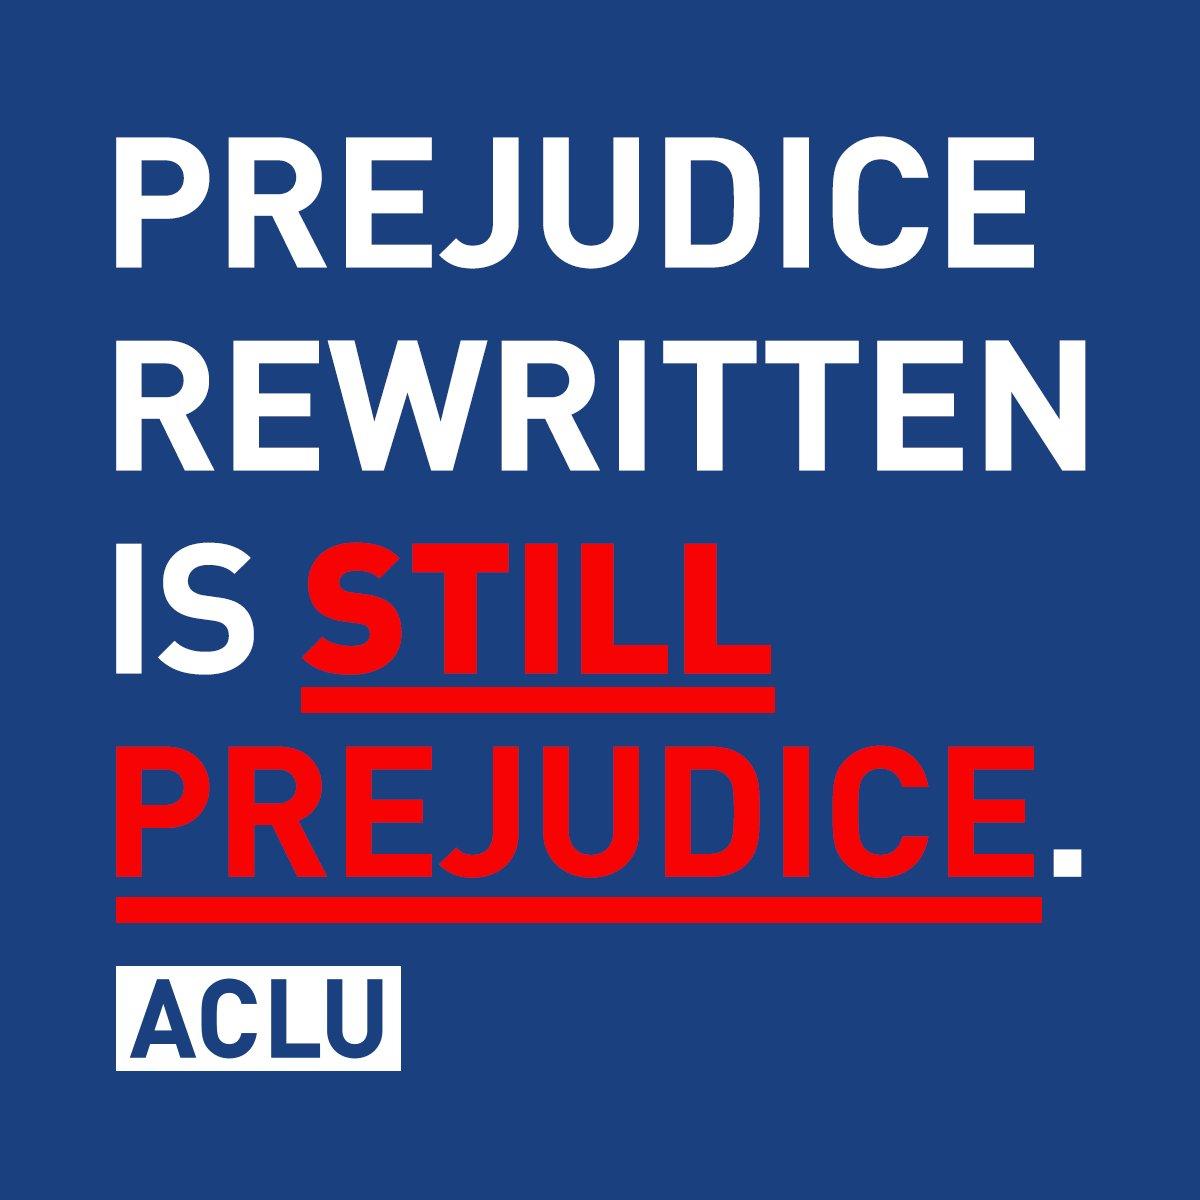 RT @ACLU: The new Muslim ban is still a Muslim ban. #MuslimBan2   ACLU comment: https://t.co/rigBKhNEGw https://t.co/p7oxSEYnTj